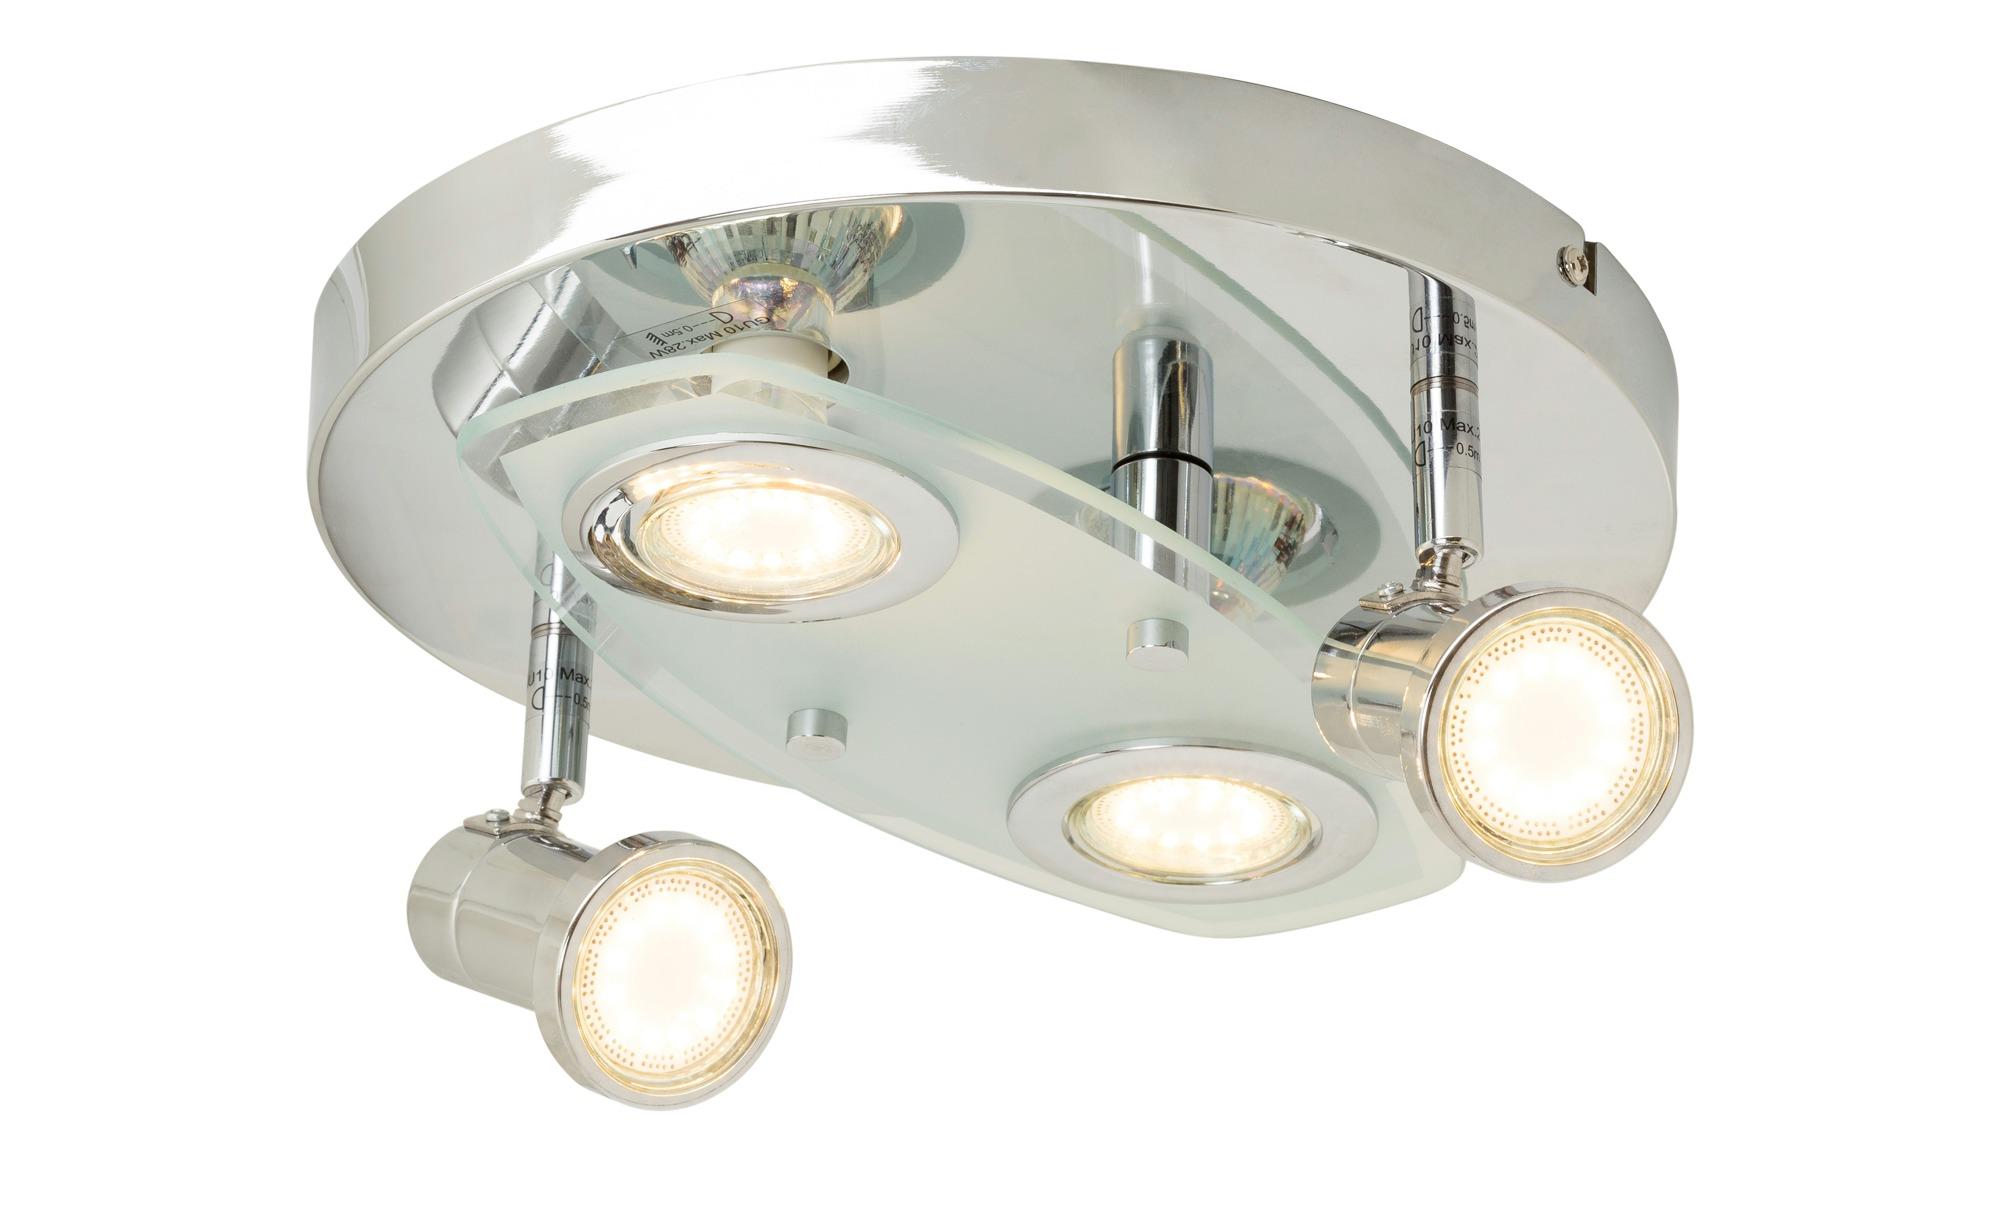 KHG LED Deckenstrahler teilweise beweglich ¦ silber ¦ Maße (cm): H: 12 Ø: 27 Lampen & Leuchten > Innenleuchten > Deckenleuchten - Höffner